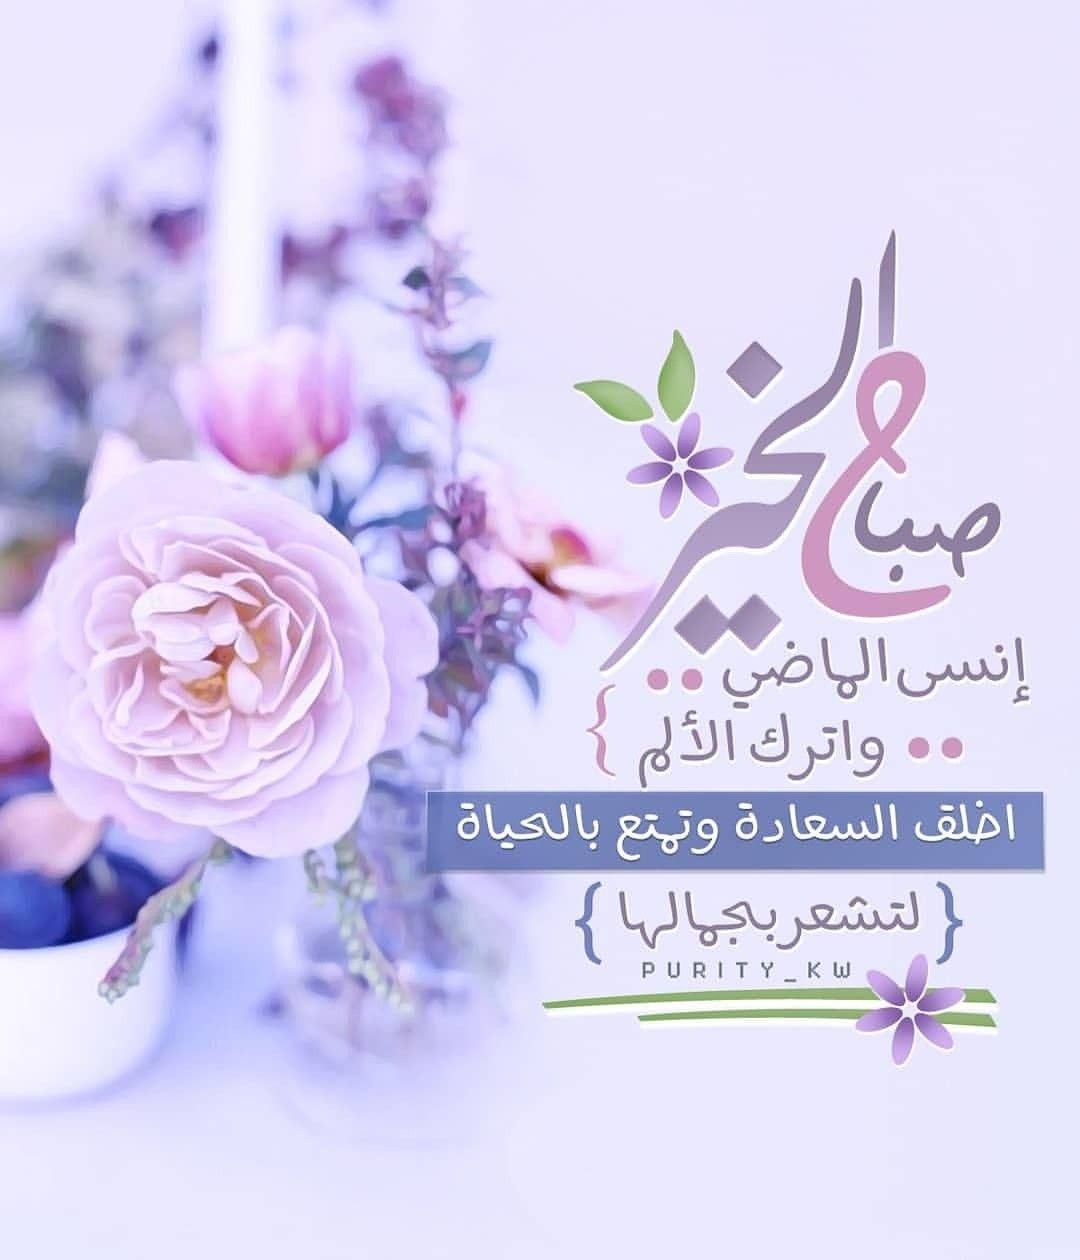 Pin By Rana Alasslani On New Beautiful Morning Messages Morning Greeting Beautiful Morning